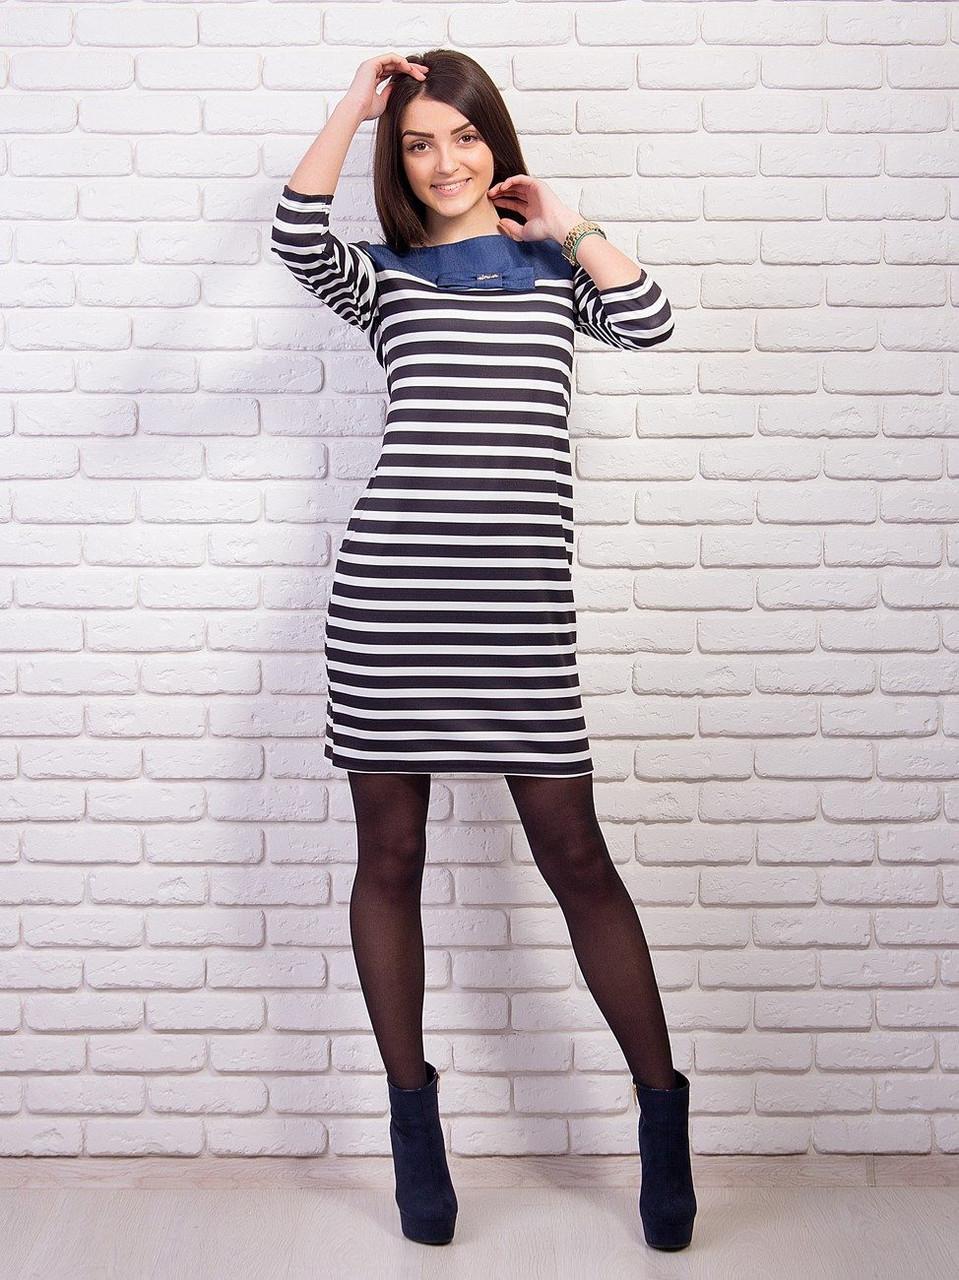 4f446534523 Трикотажное платье в горизонтальную полоску - Оптово - розничный магазин  одежды